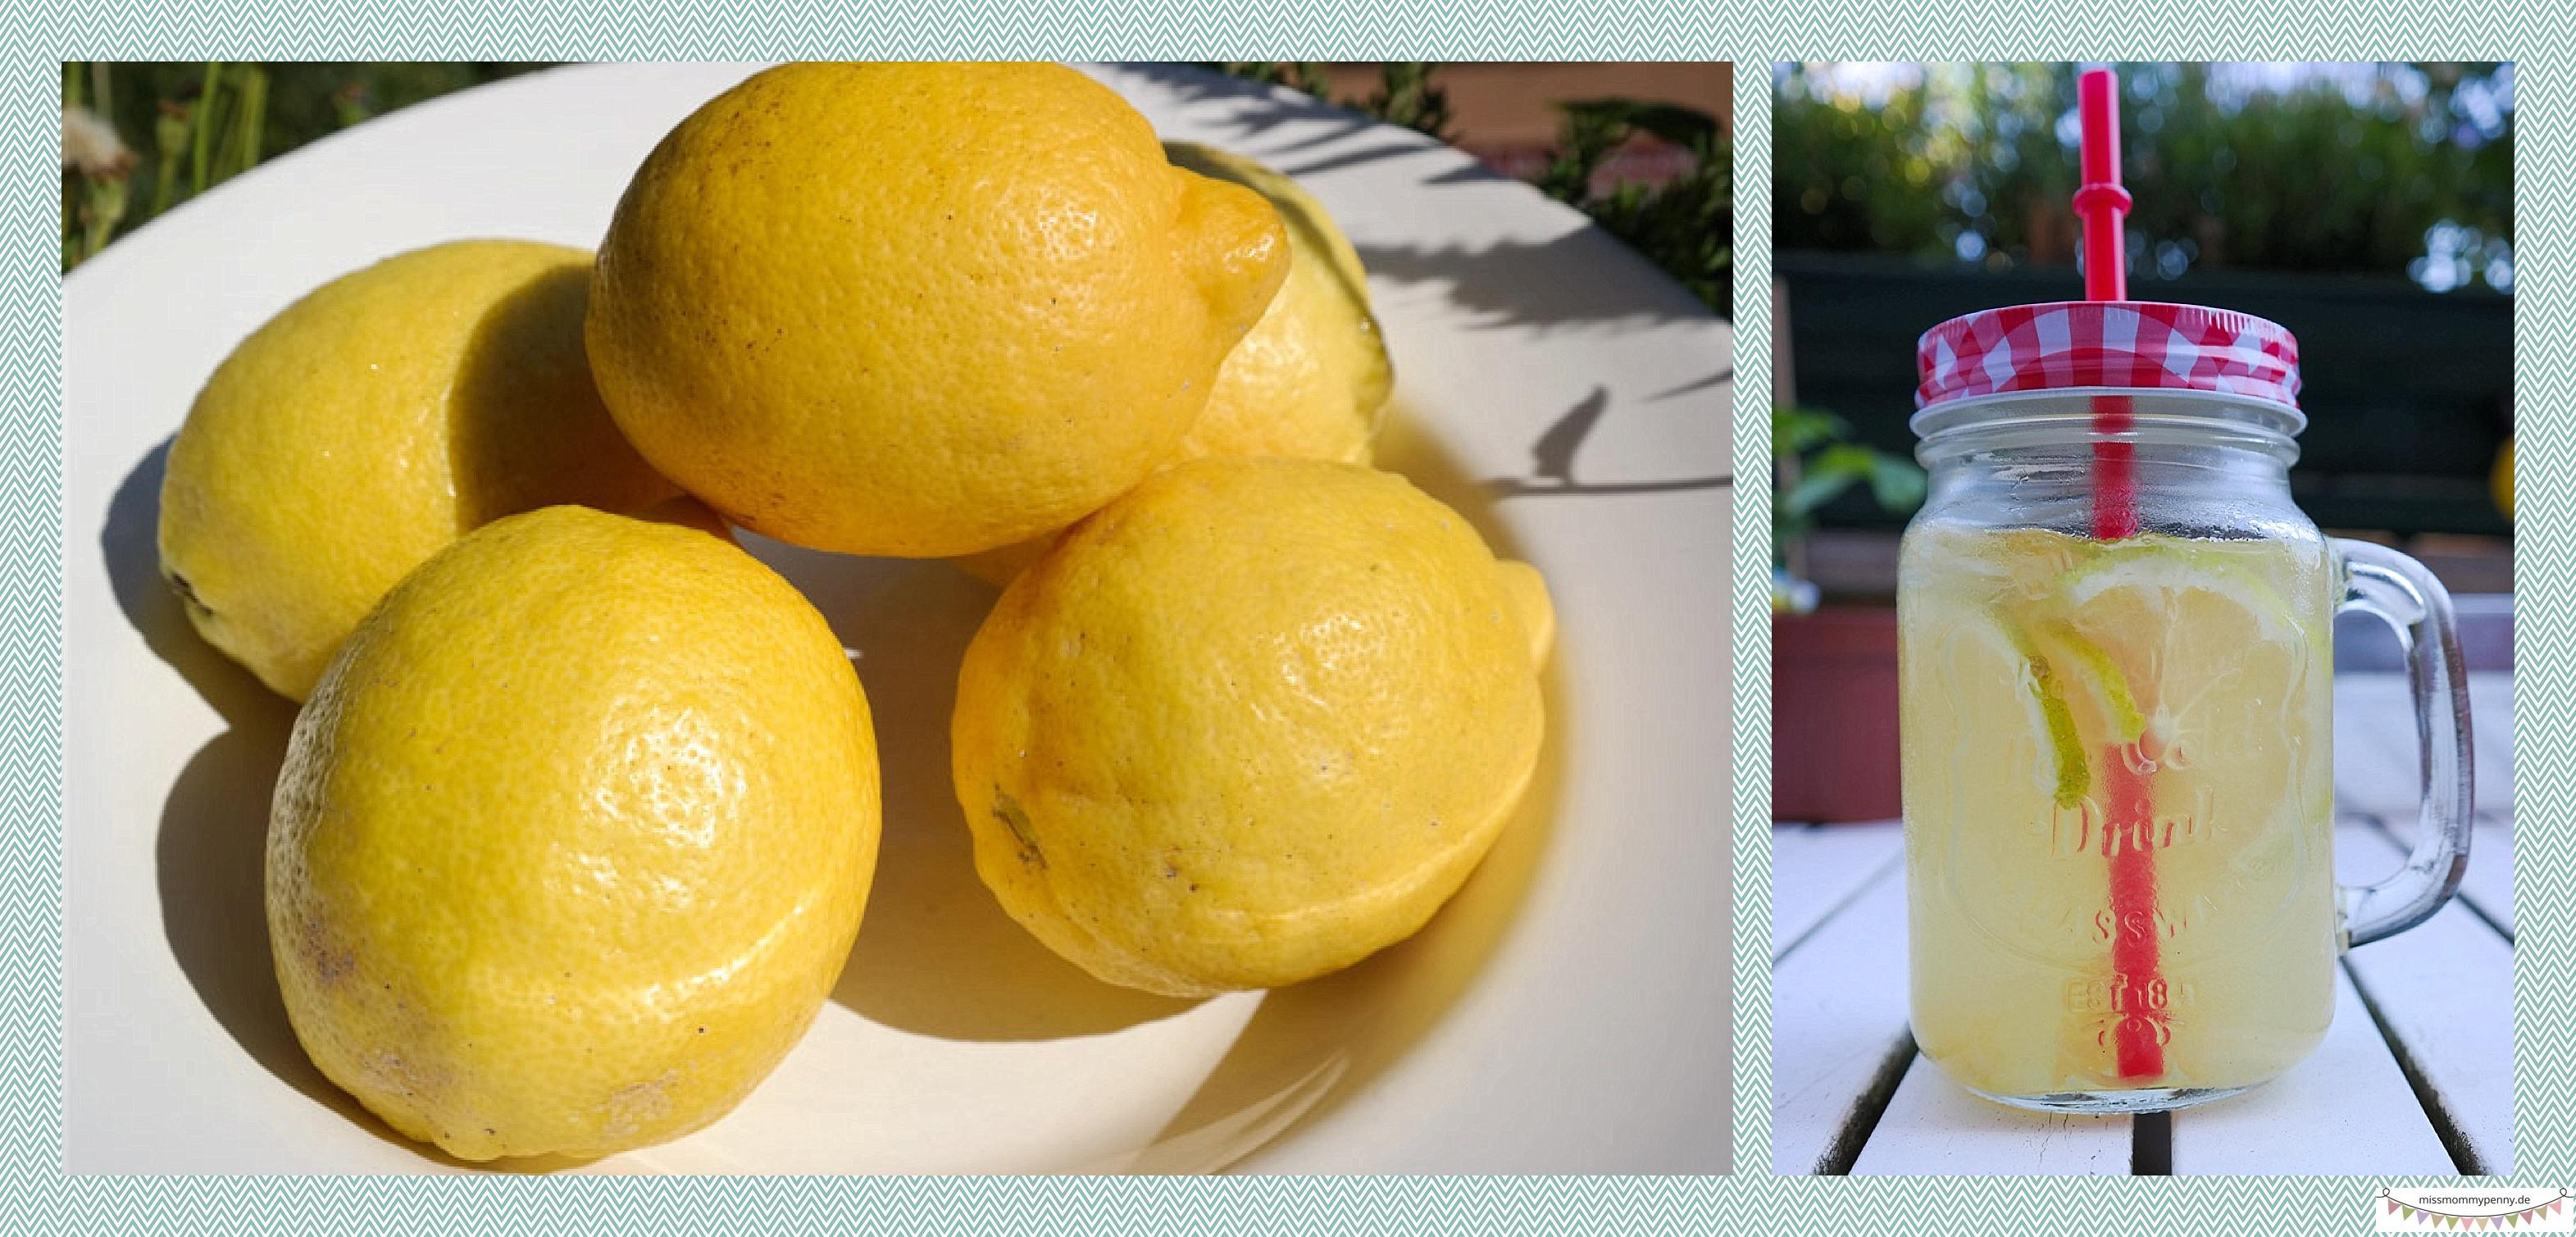 Limonadengläser, Partygetränk